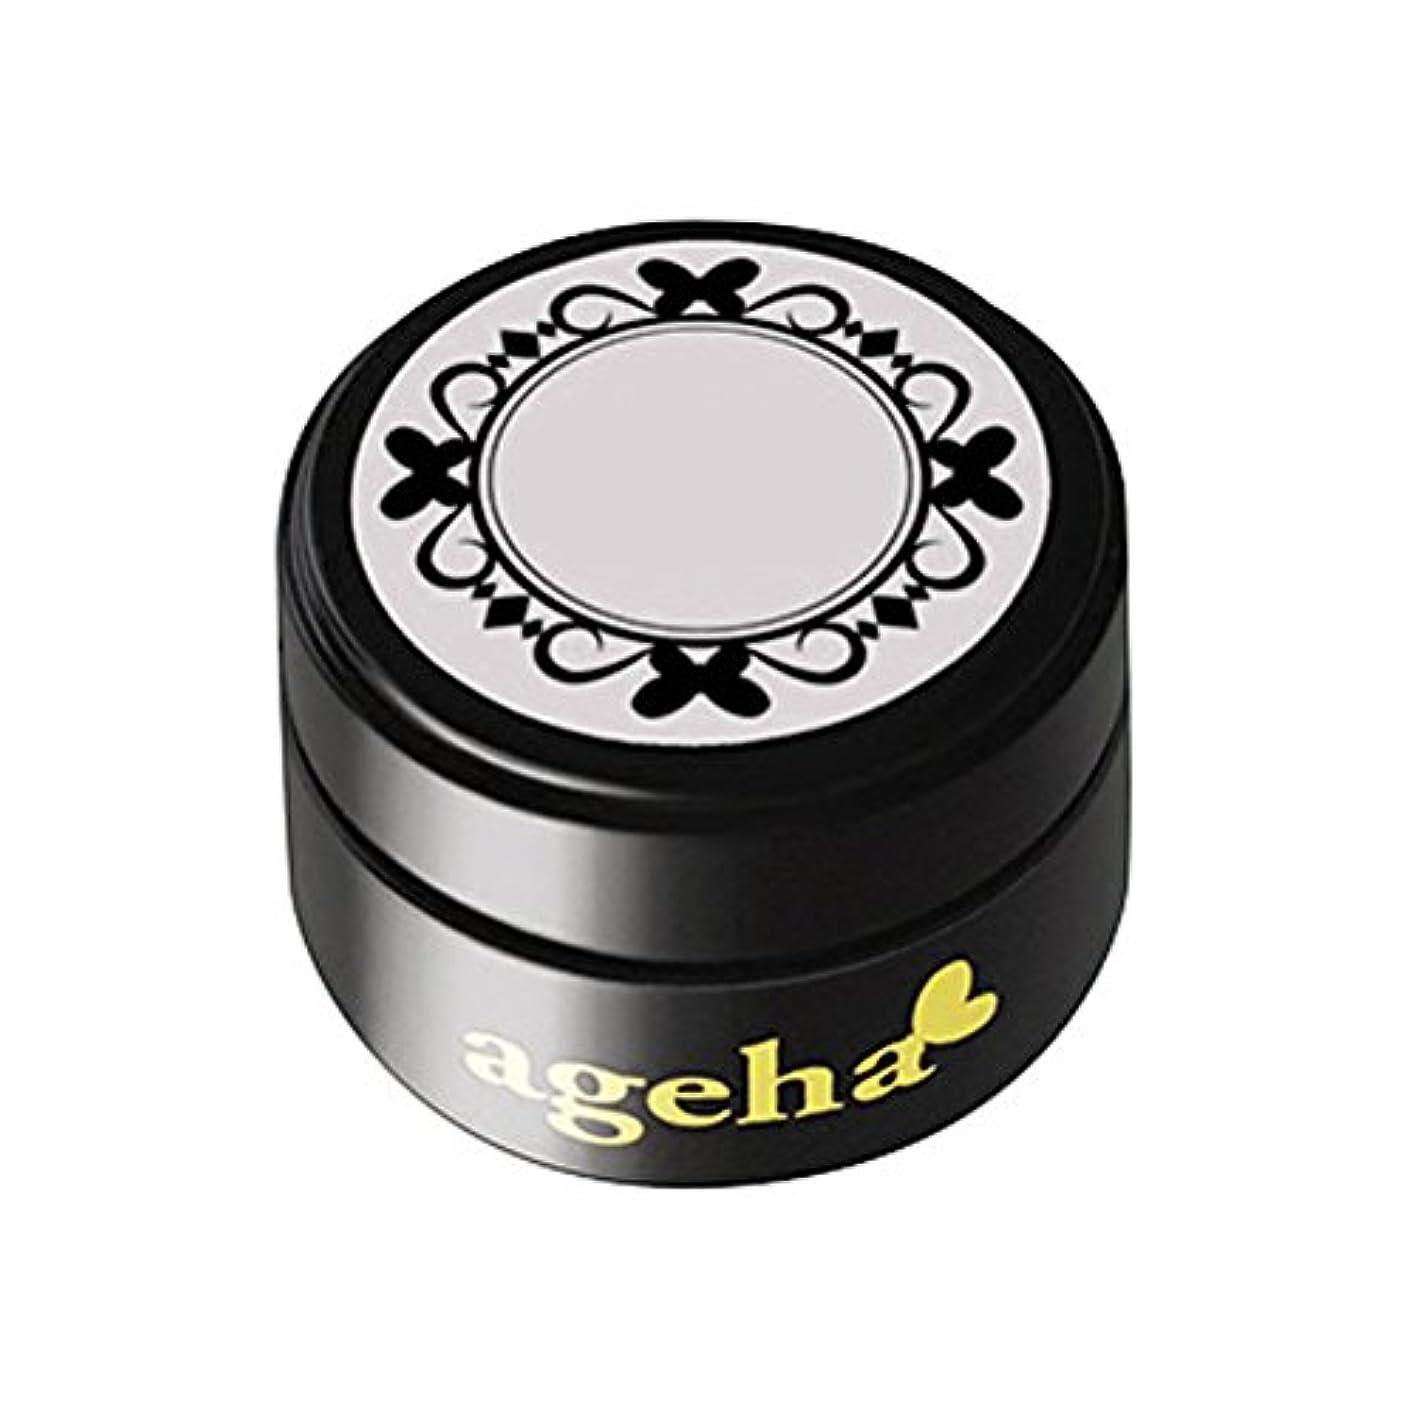 殺しますたとえ降臨ageha gel カラージェル コスメカラー 204 ビターチョコレート 2.7g UV/LED対応